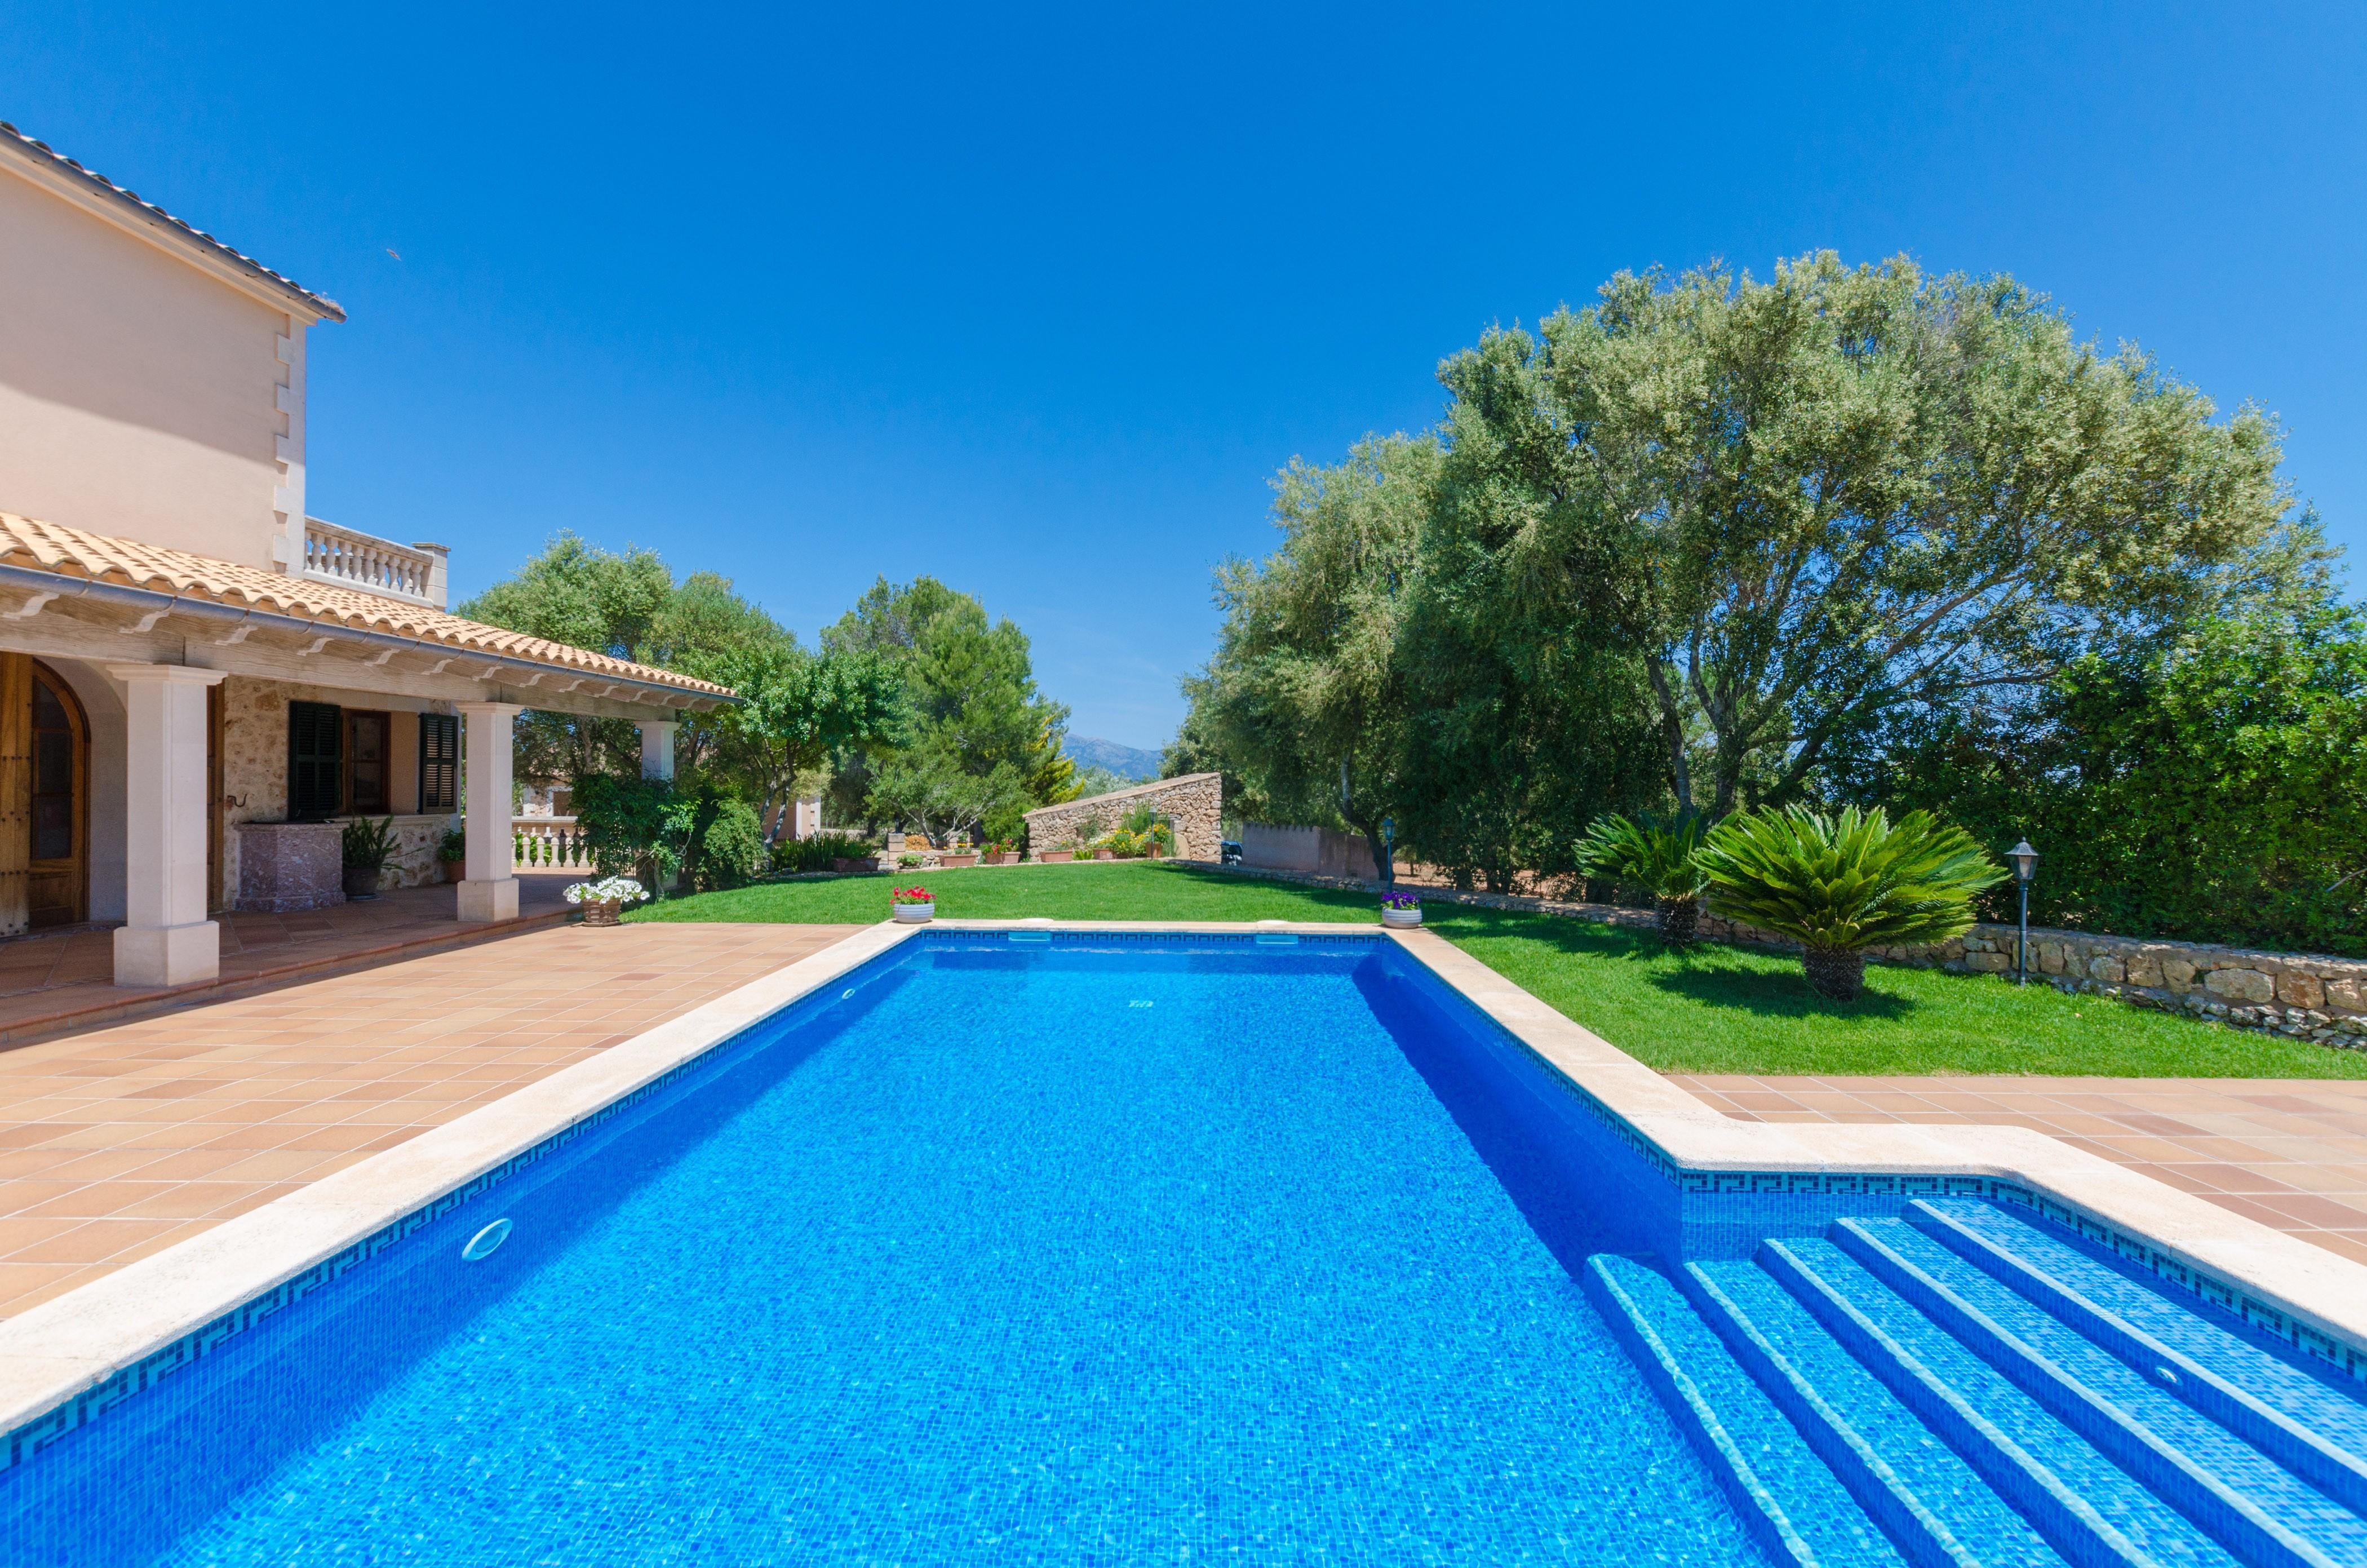 Maison de vacances ES VEDAT (2632993), Lloret de Vistalegre, Majorque, Iles Baléares, Espagne, image 5